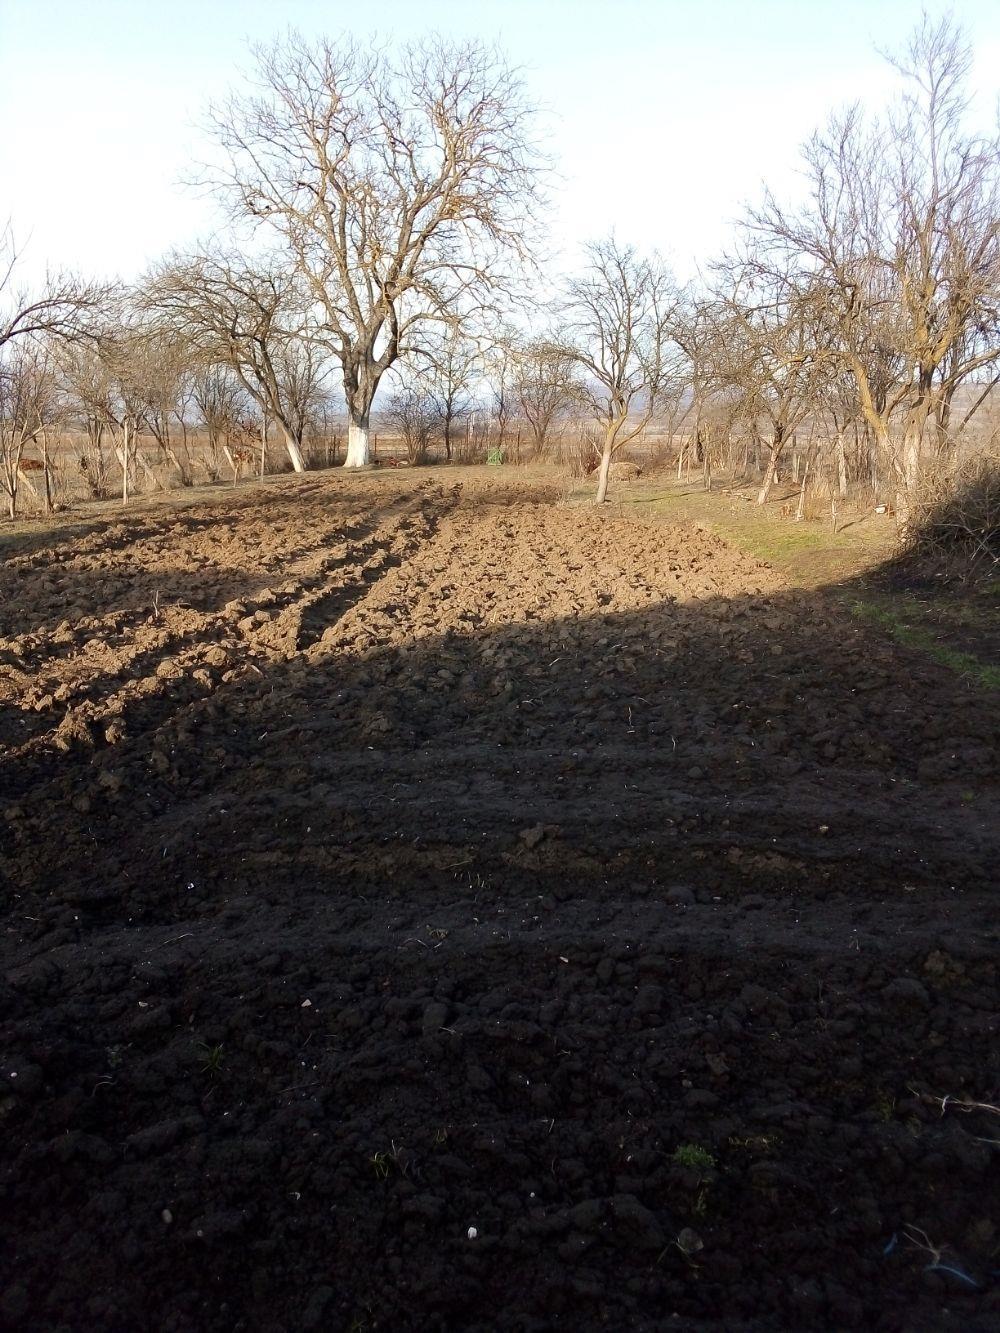 OFER spre Vinzare Casa Frumoasa într-o zona forte Bună la 12 km de DEVA Ocupabila Imediat acte regul - imagine 6